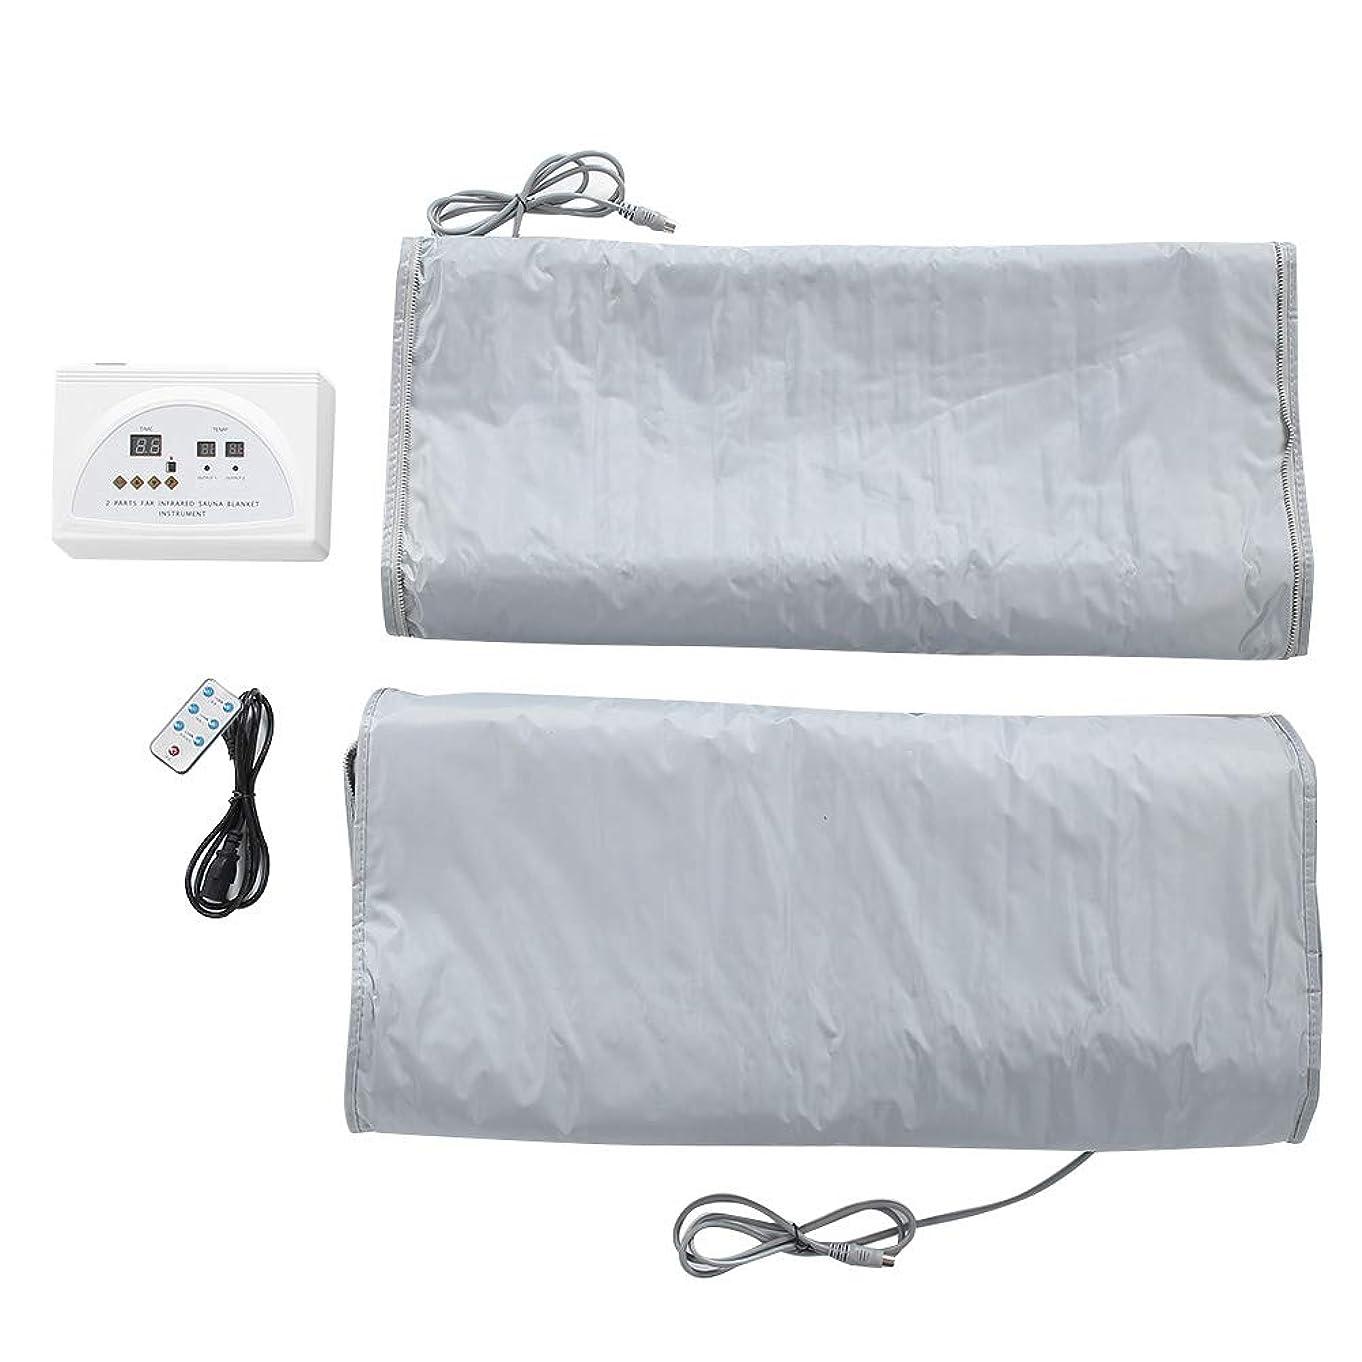 用心蓄積するインシュレータ毛布220Vサウナ暖房毛布ボディ形状痩身フィットネスマシン英国プラグ